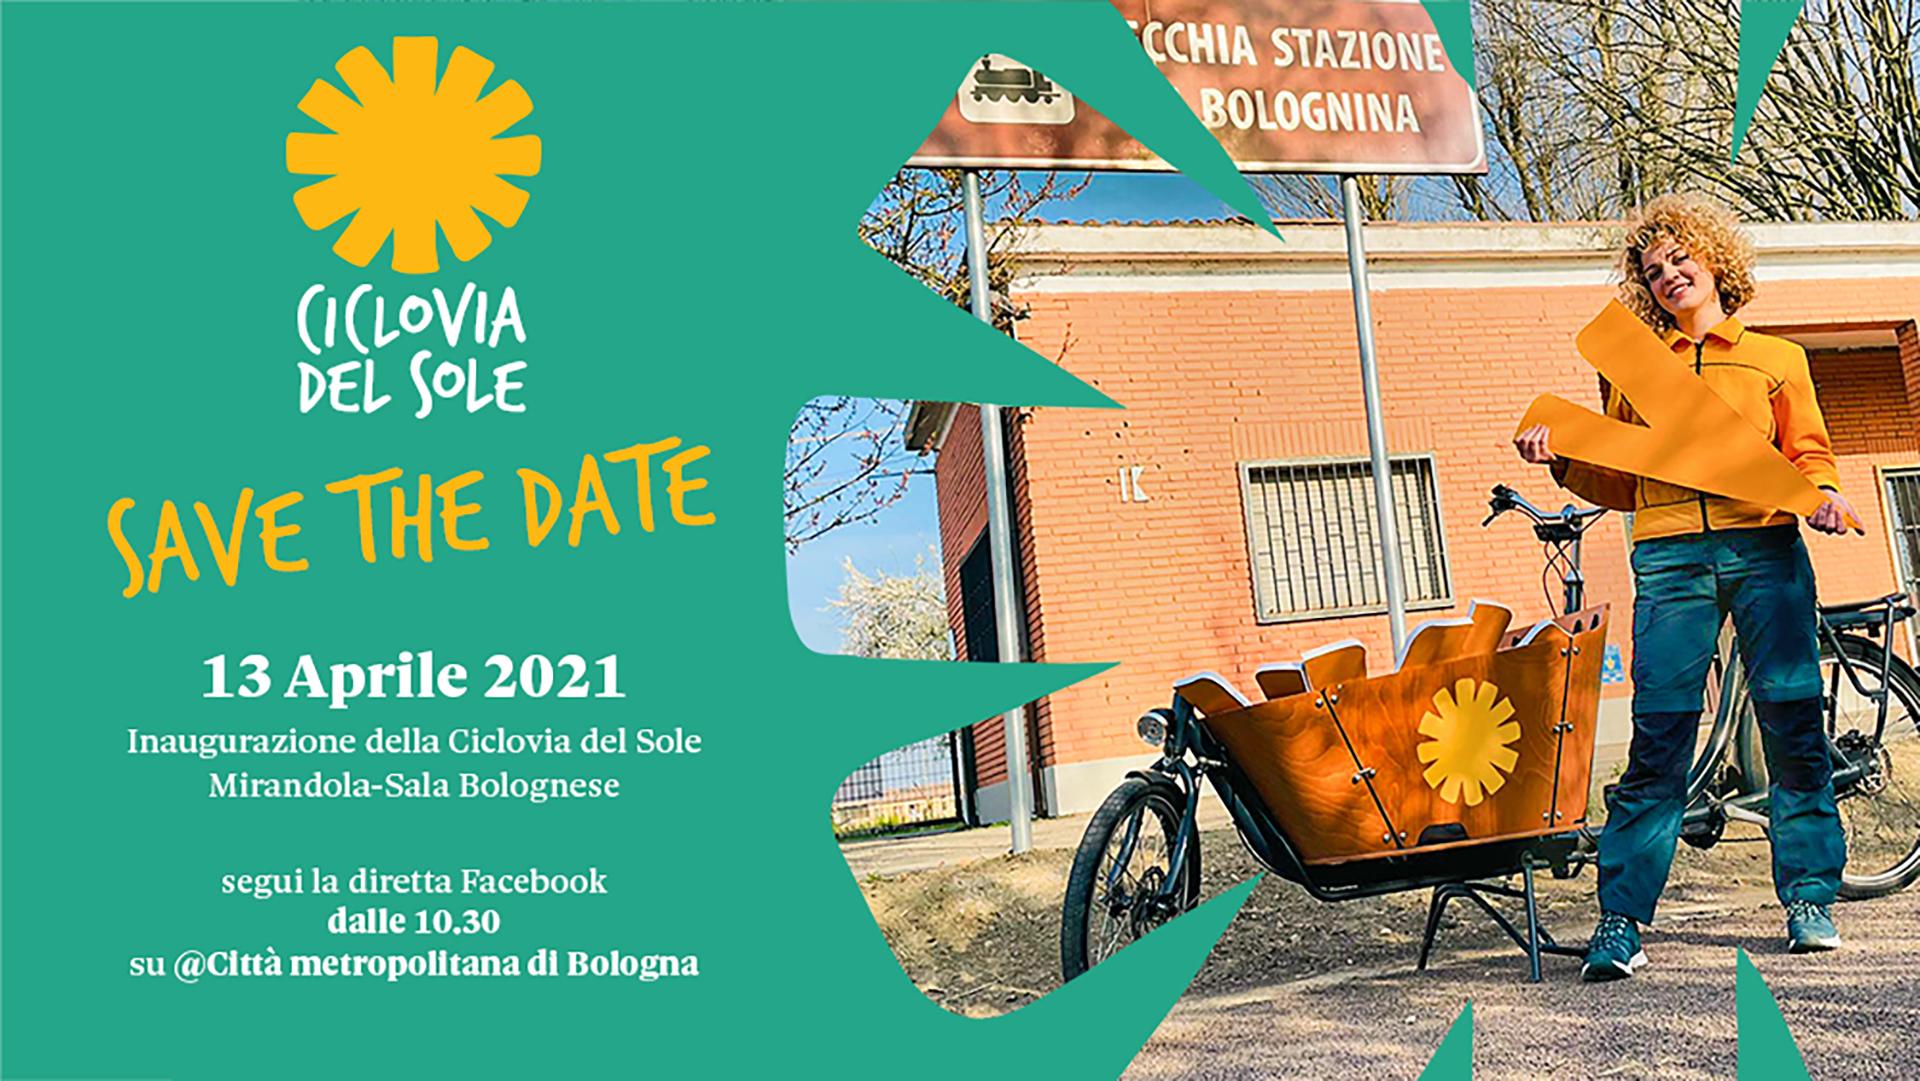 Martedì 13 aprile l'inaugurazione della Ciclovia del Sole sull'ex ferrovia Bologna-Verona